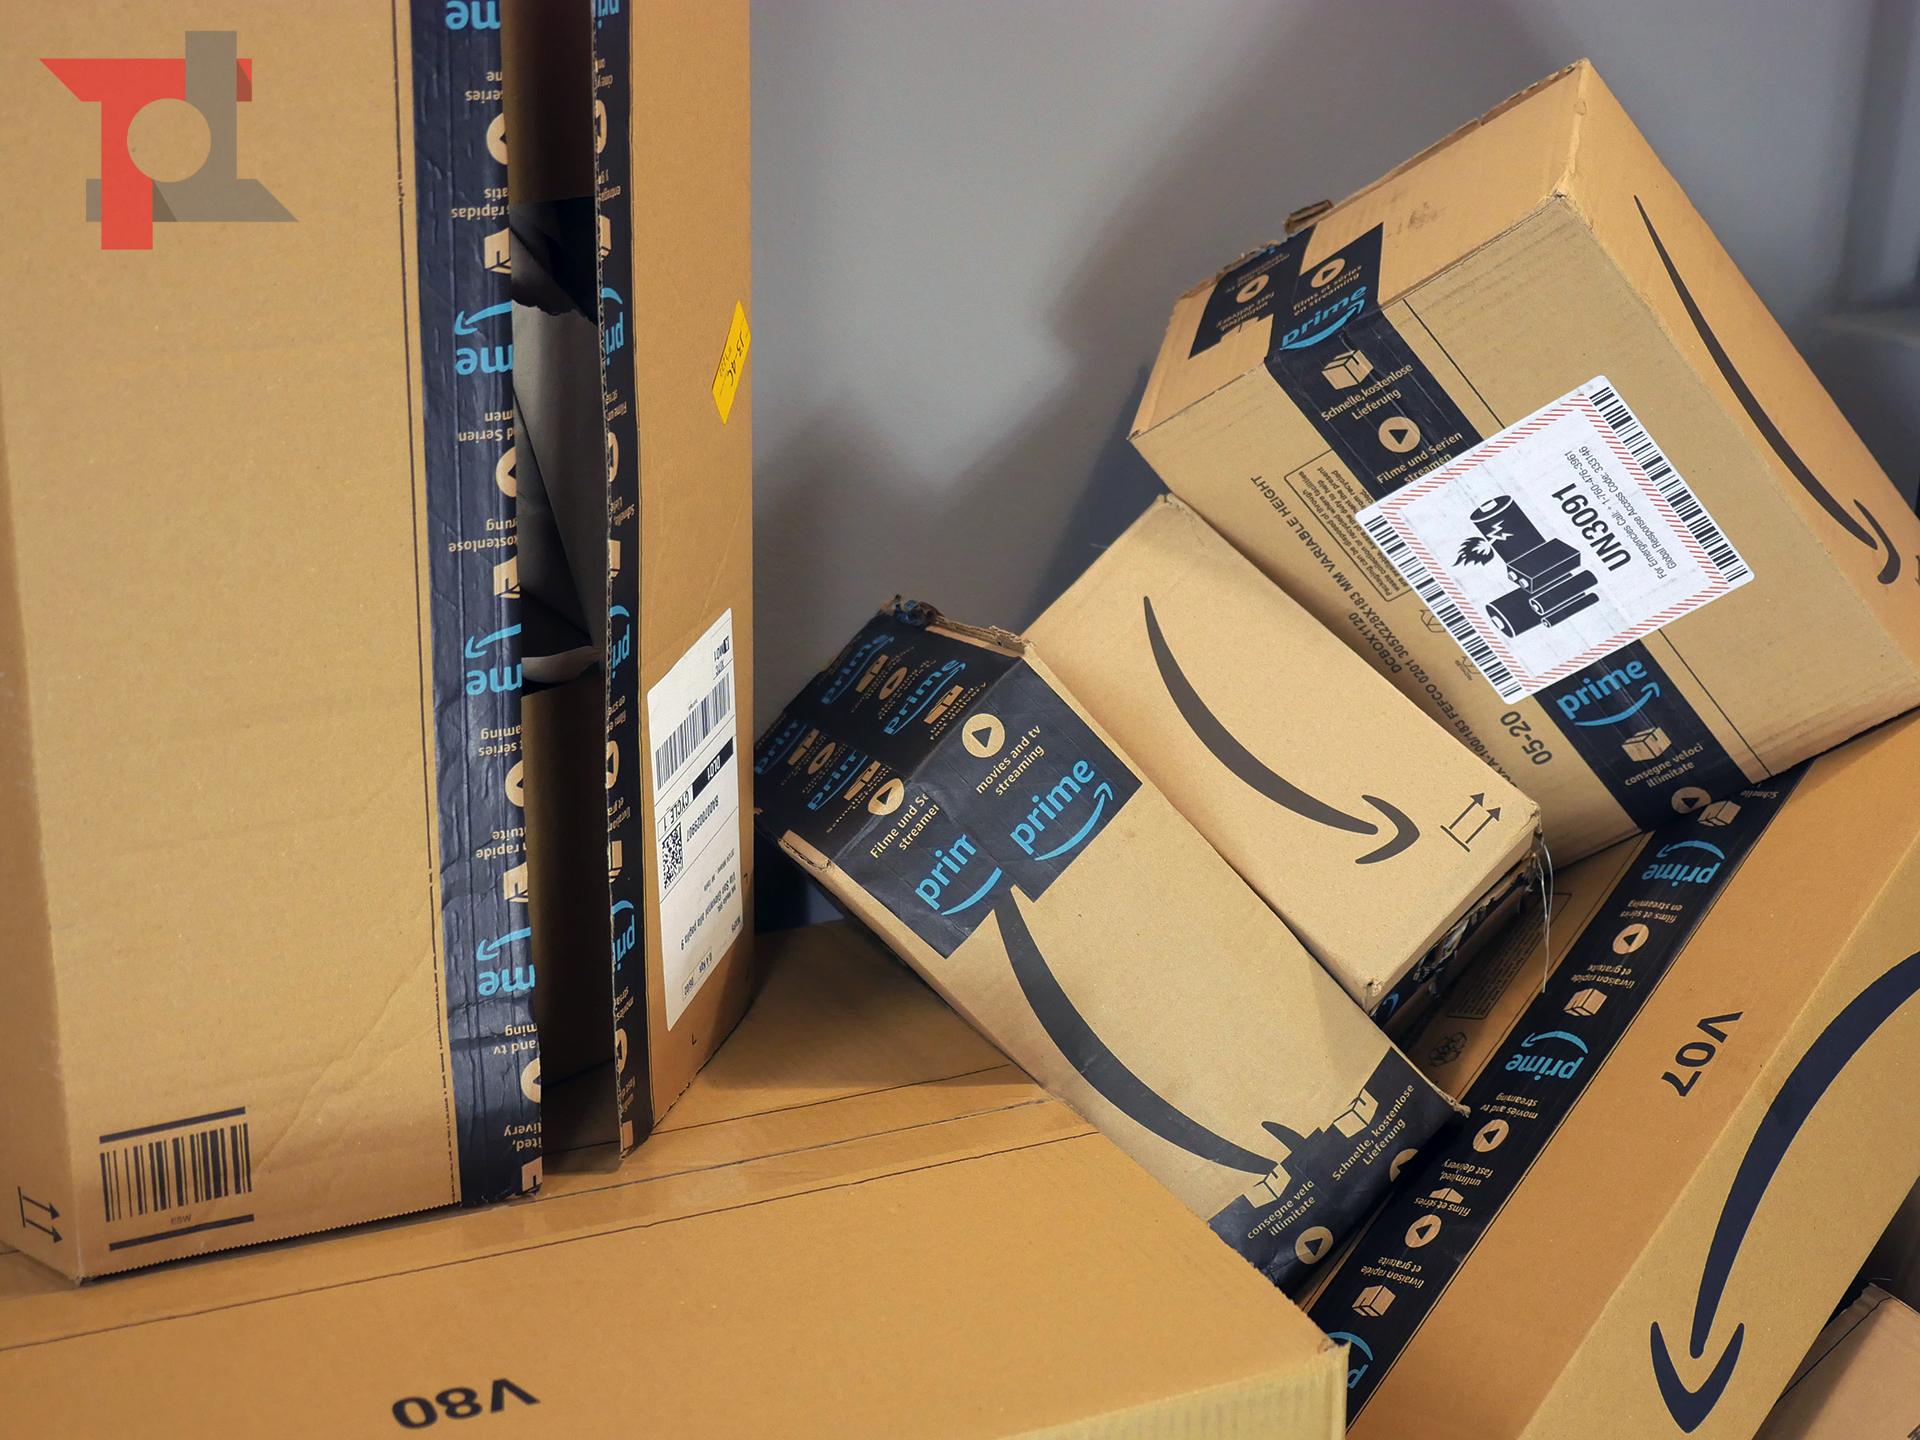 Amazon Prime Video gratis per tutti i residenti nella zona rossa